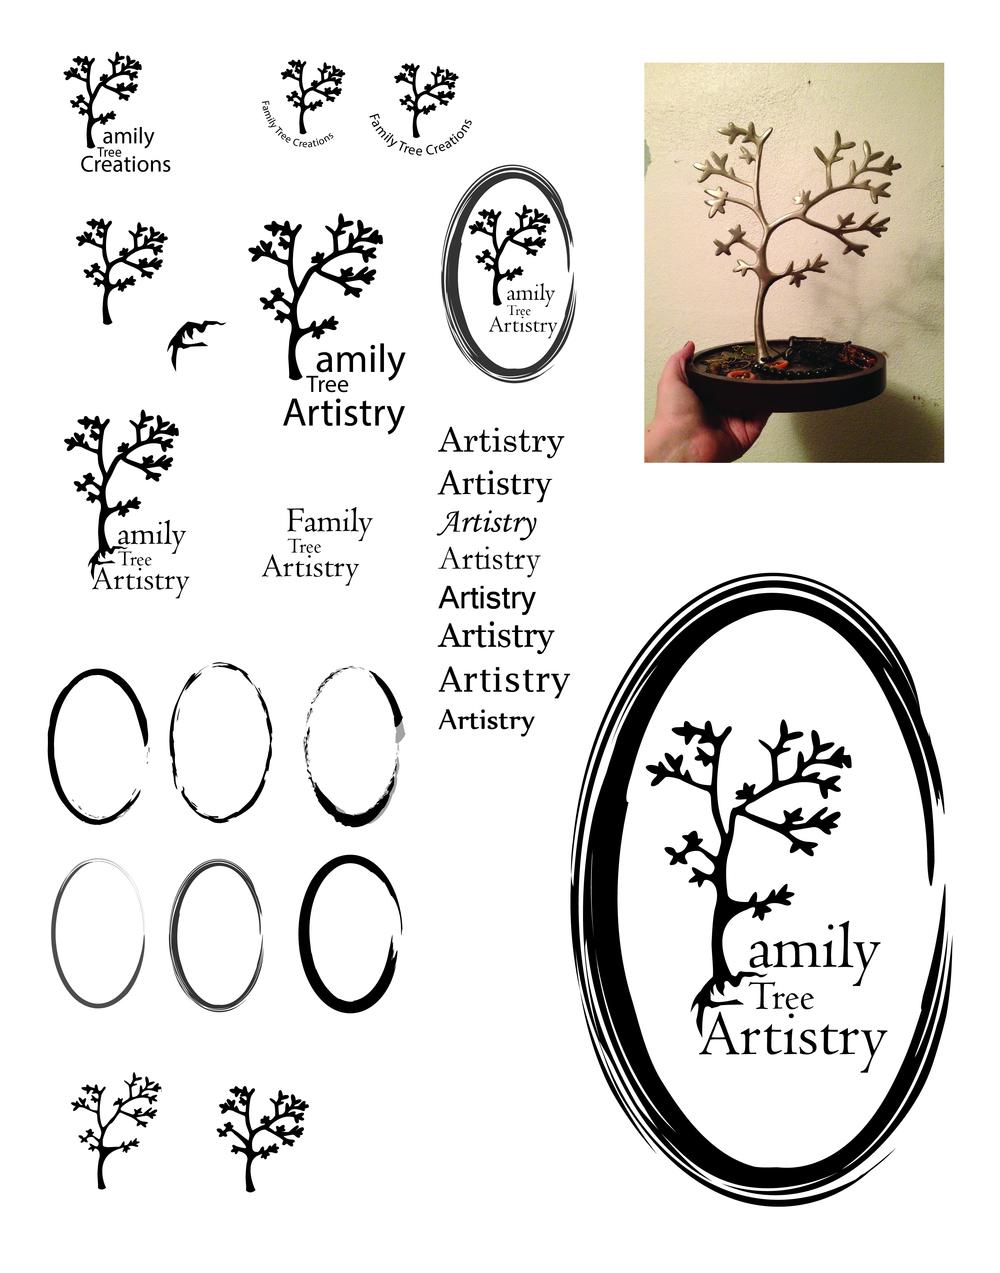 Family Tree Artistry